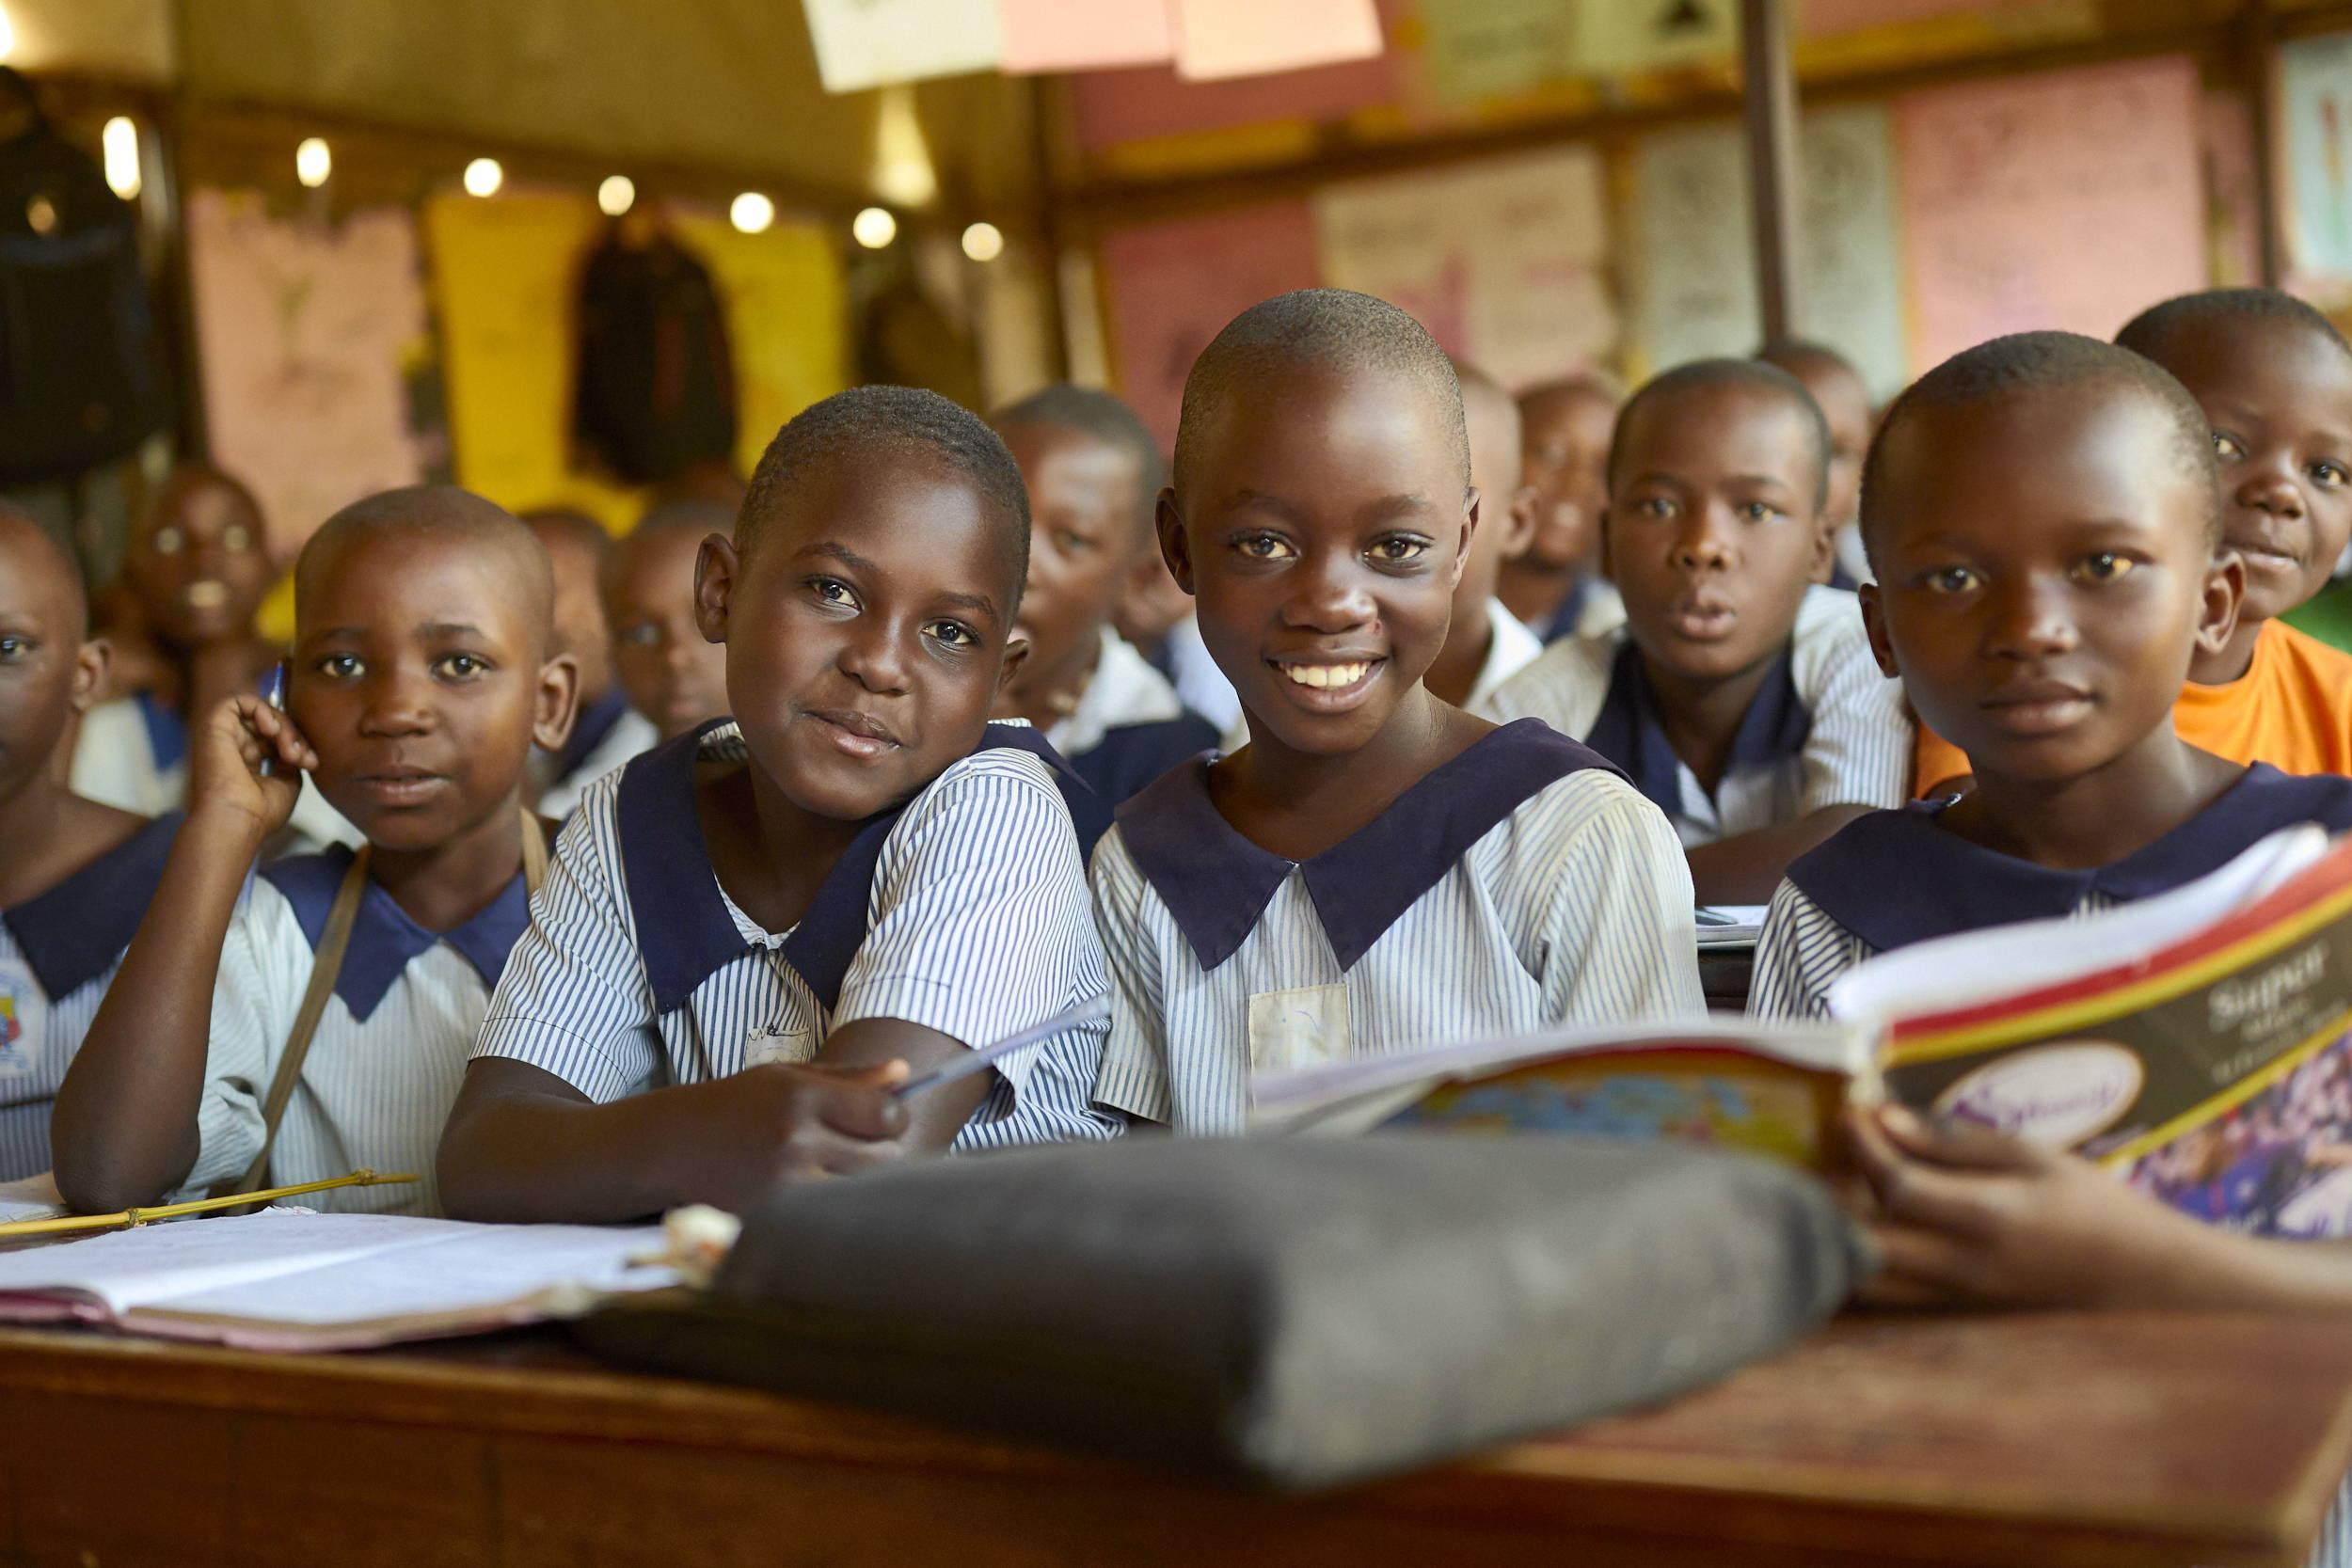 Children in school.